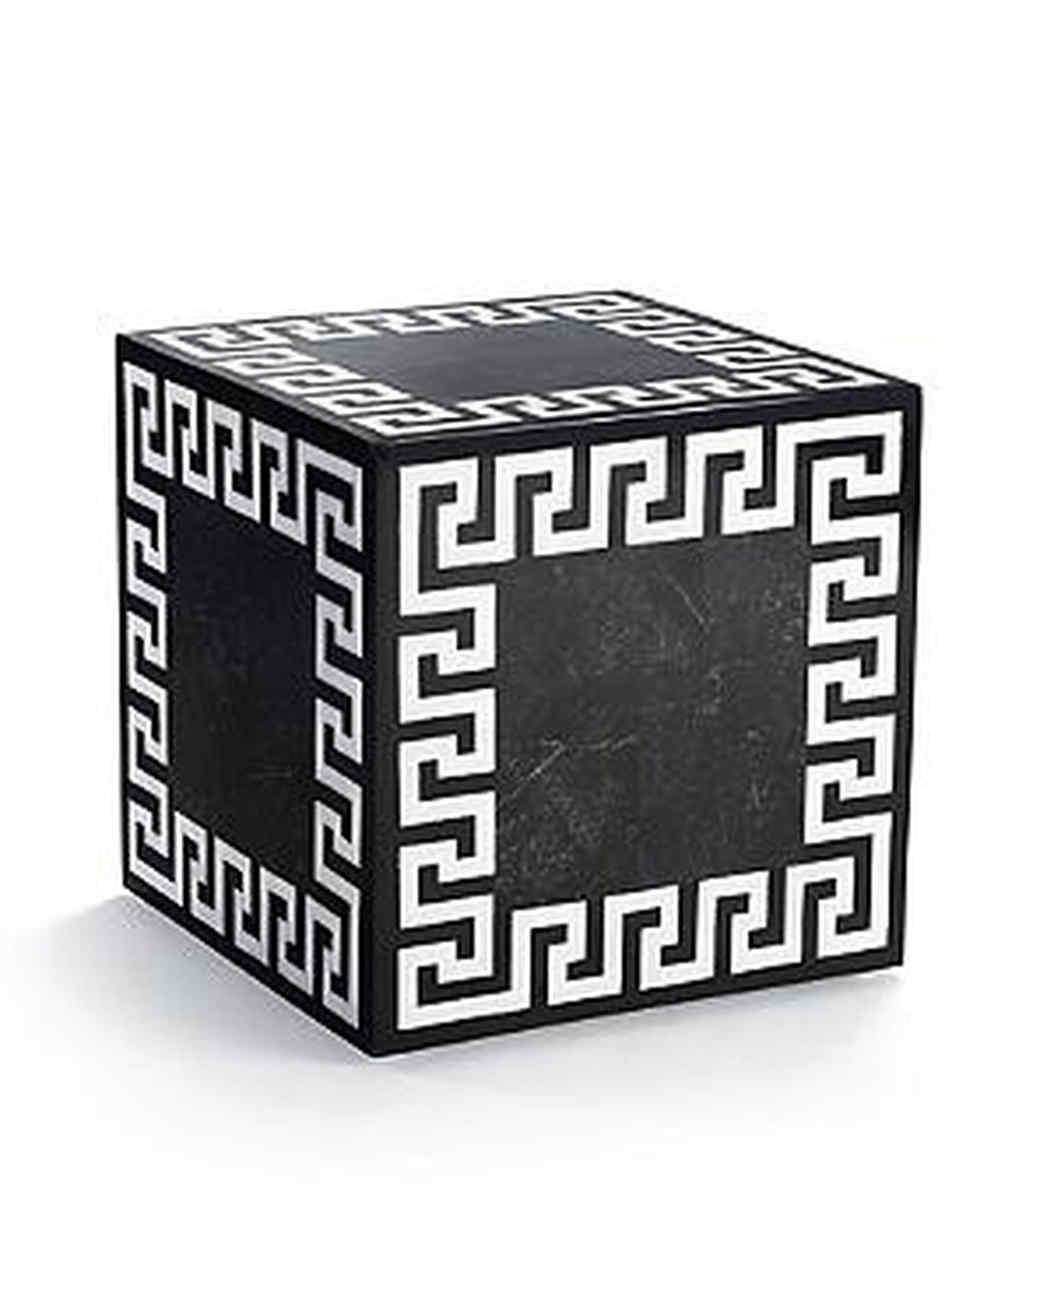 frontgate-greek-key-stone-stoole.jpg